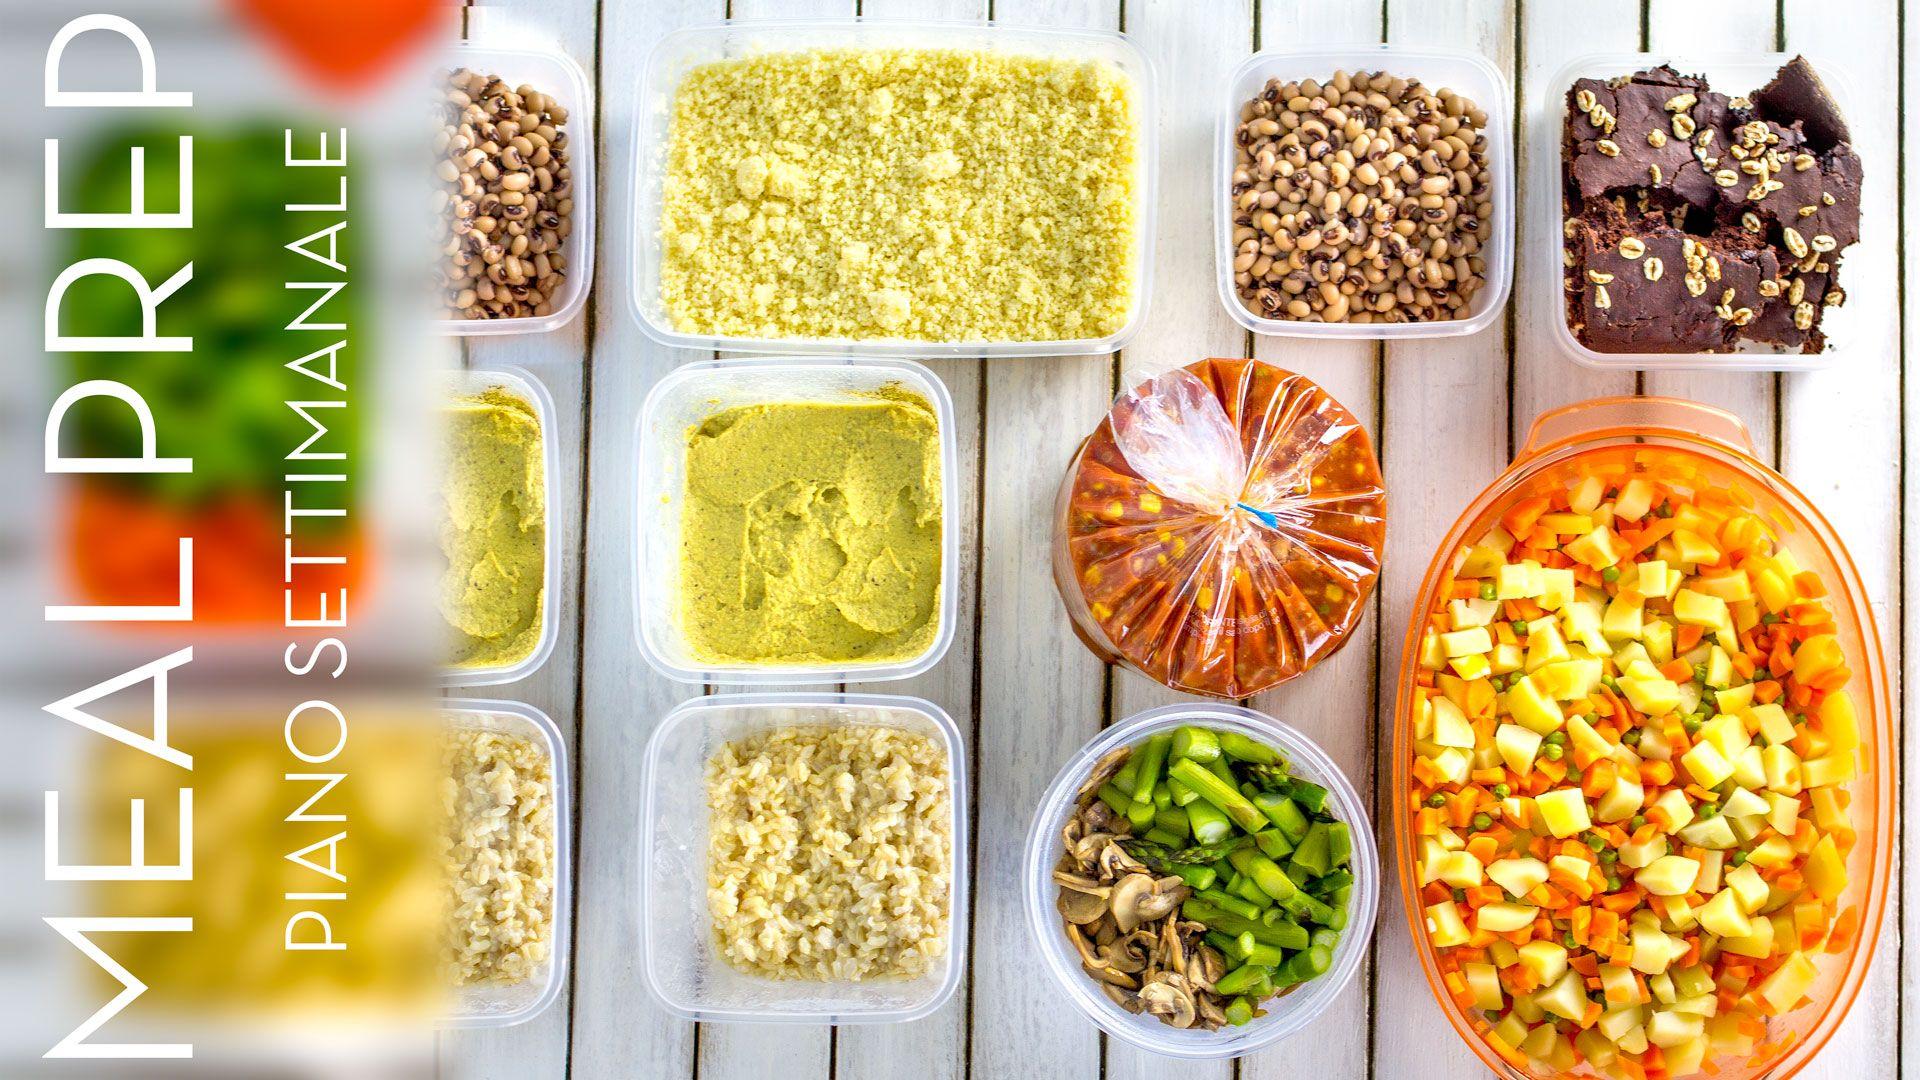 Come Organizzare I Pasti Settimanali menù settimanale vegetariano | come organizzare i pasti #2